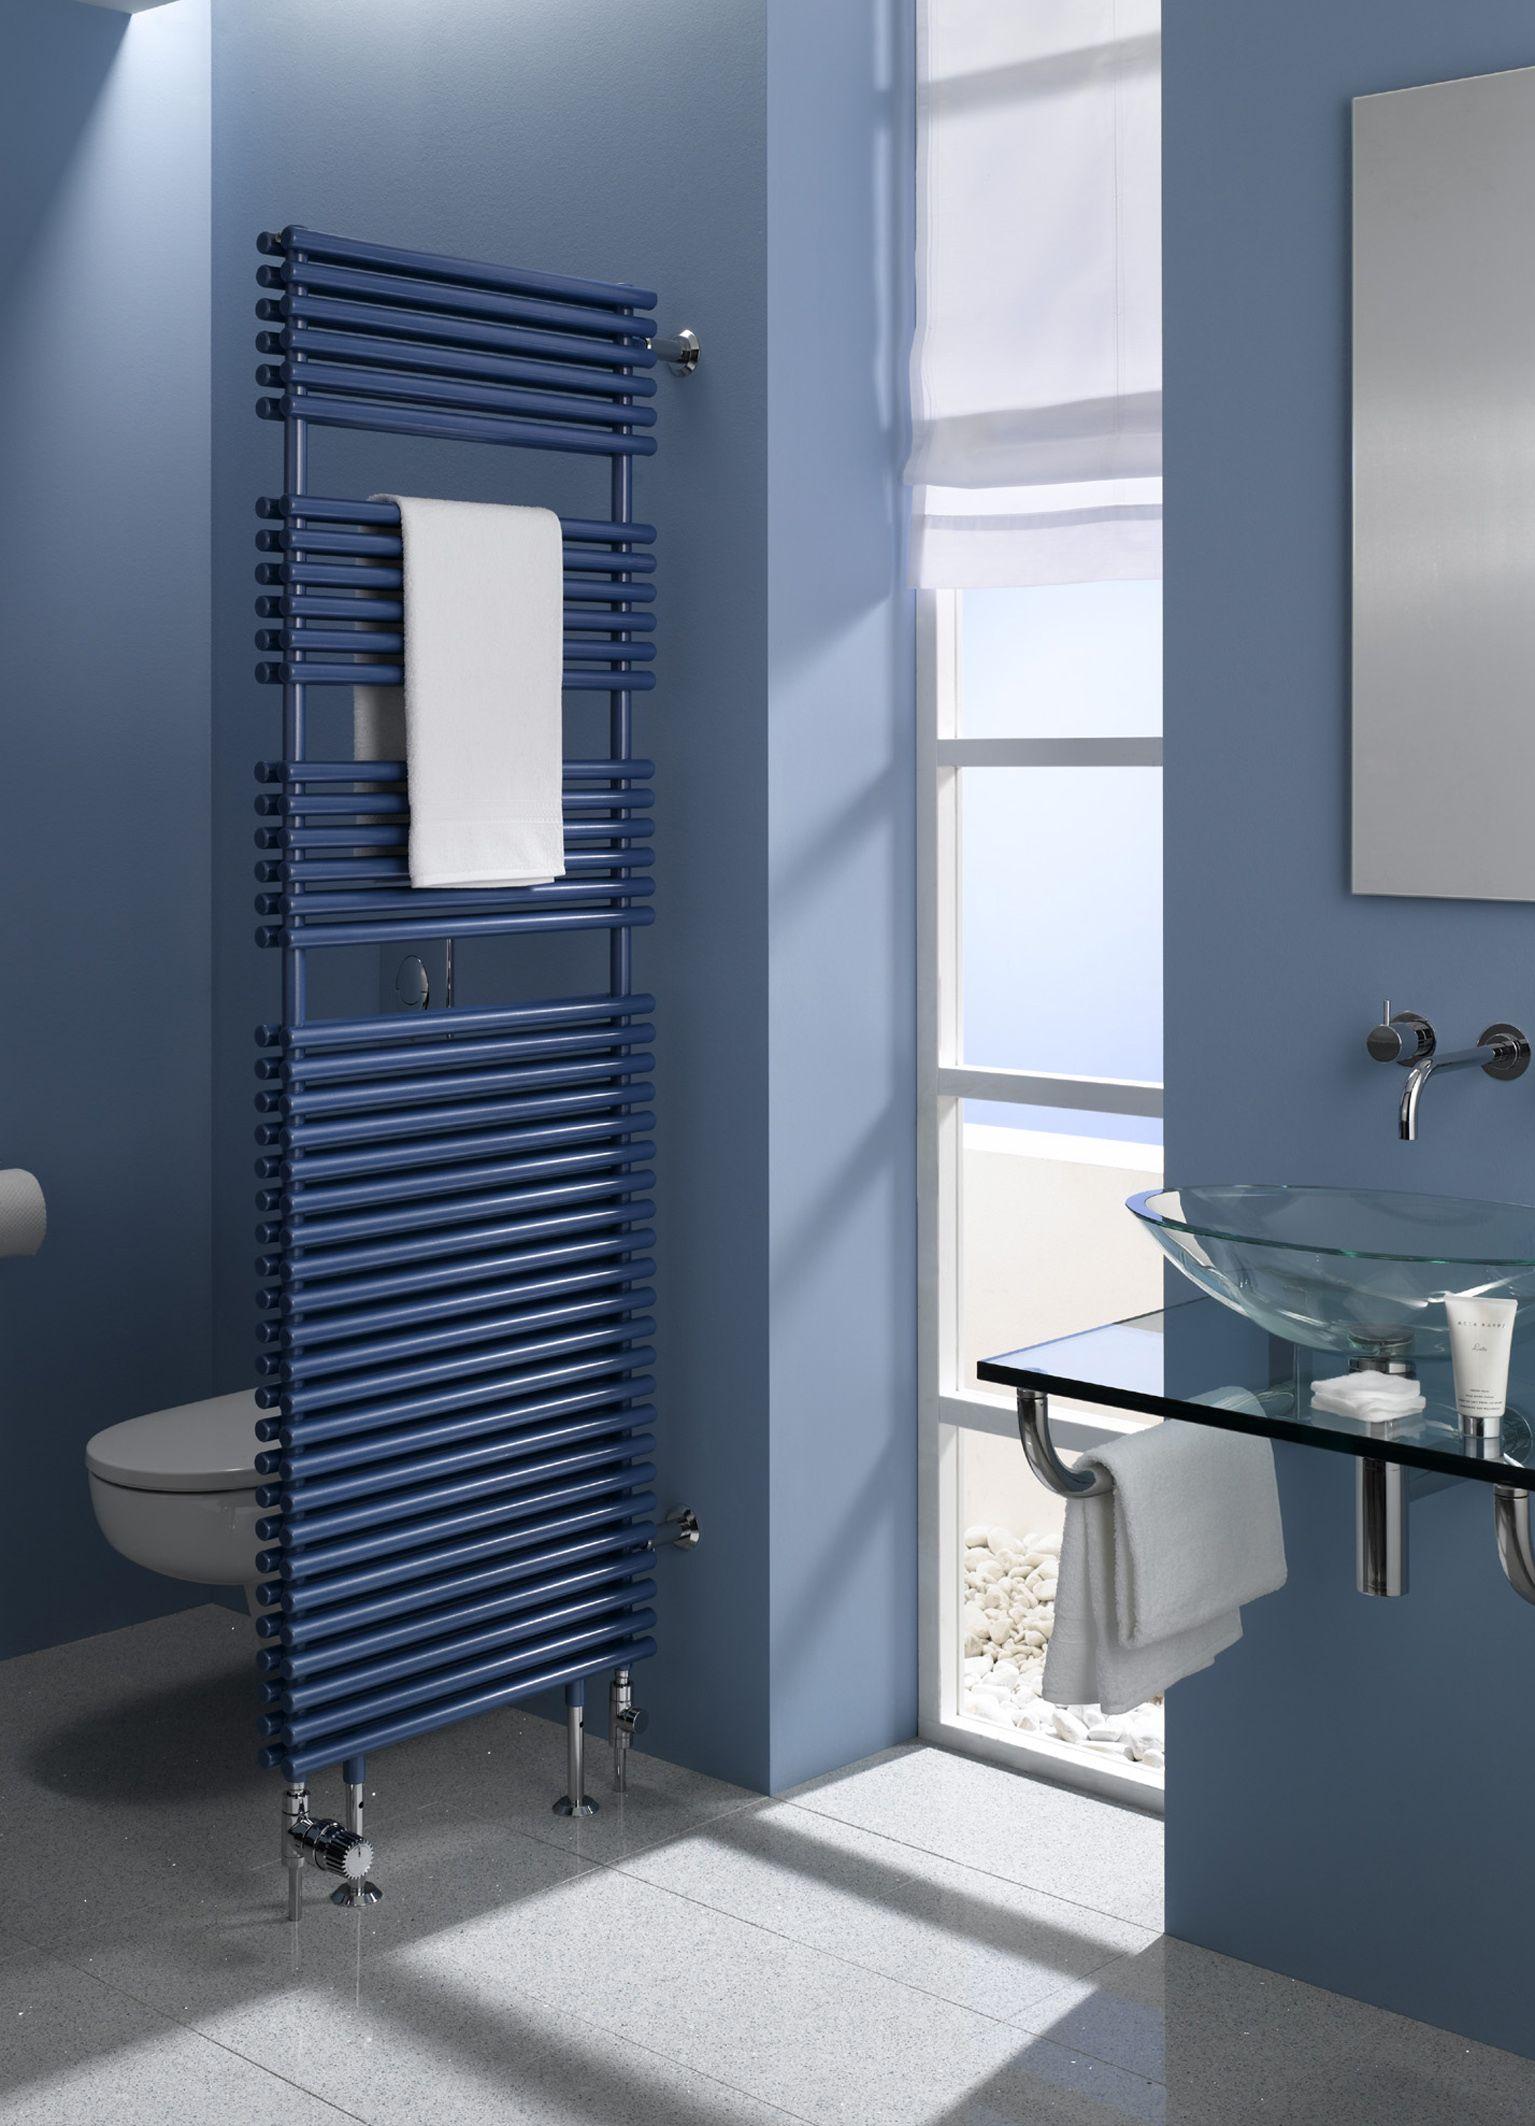 Fesselnd Bad, Wände Blau Rauchblau, Bodenfliesen Grau, Waschtisch Glas,  Aufsatzwaschbecken Glas, Heizkörper